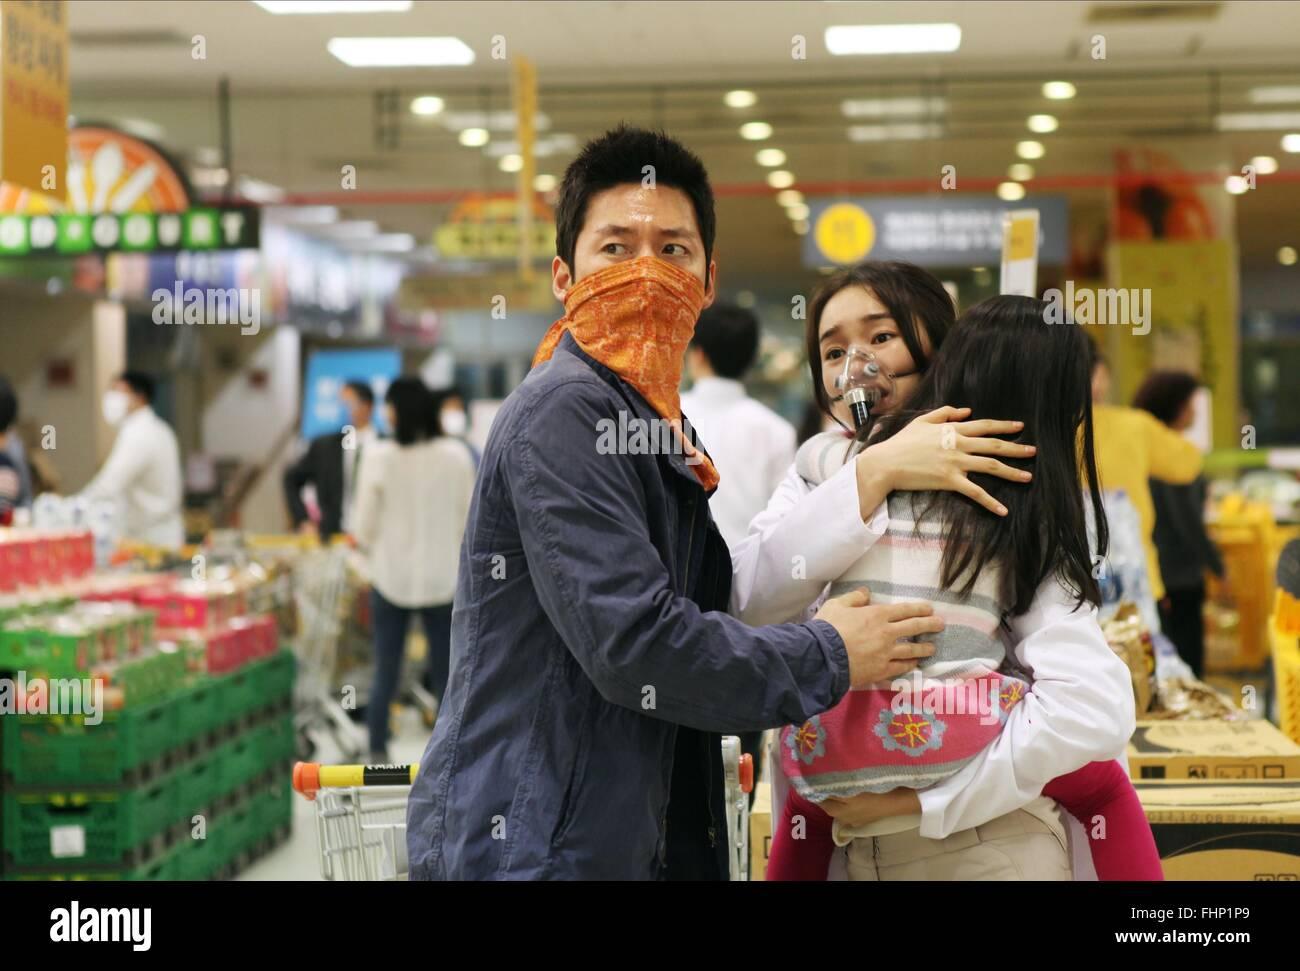 Hyuk Jang As Kang Ji Koo Film Title Flu Stock Photos & Hyuk